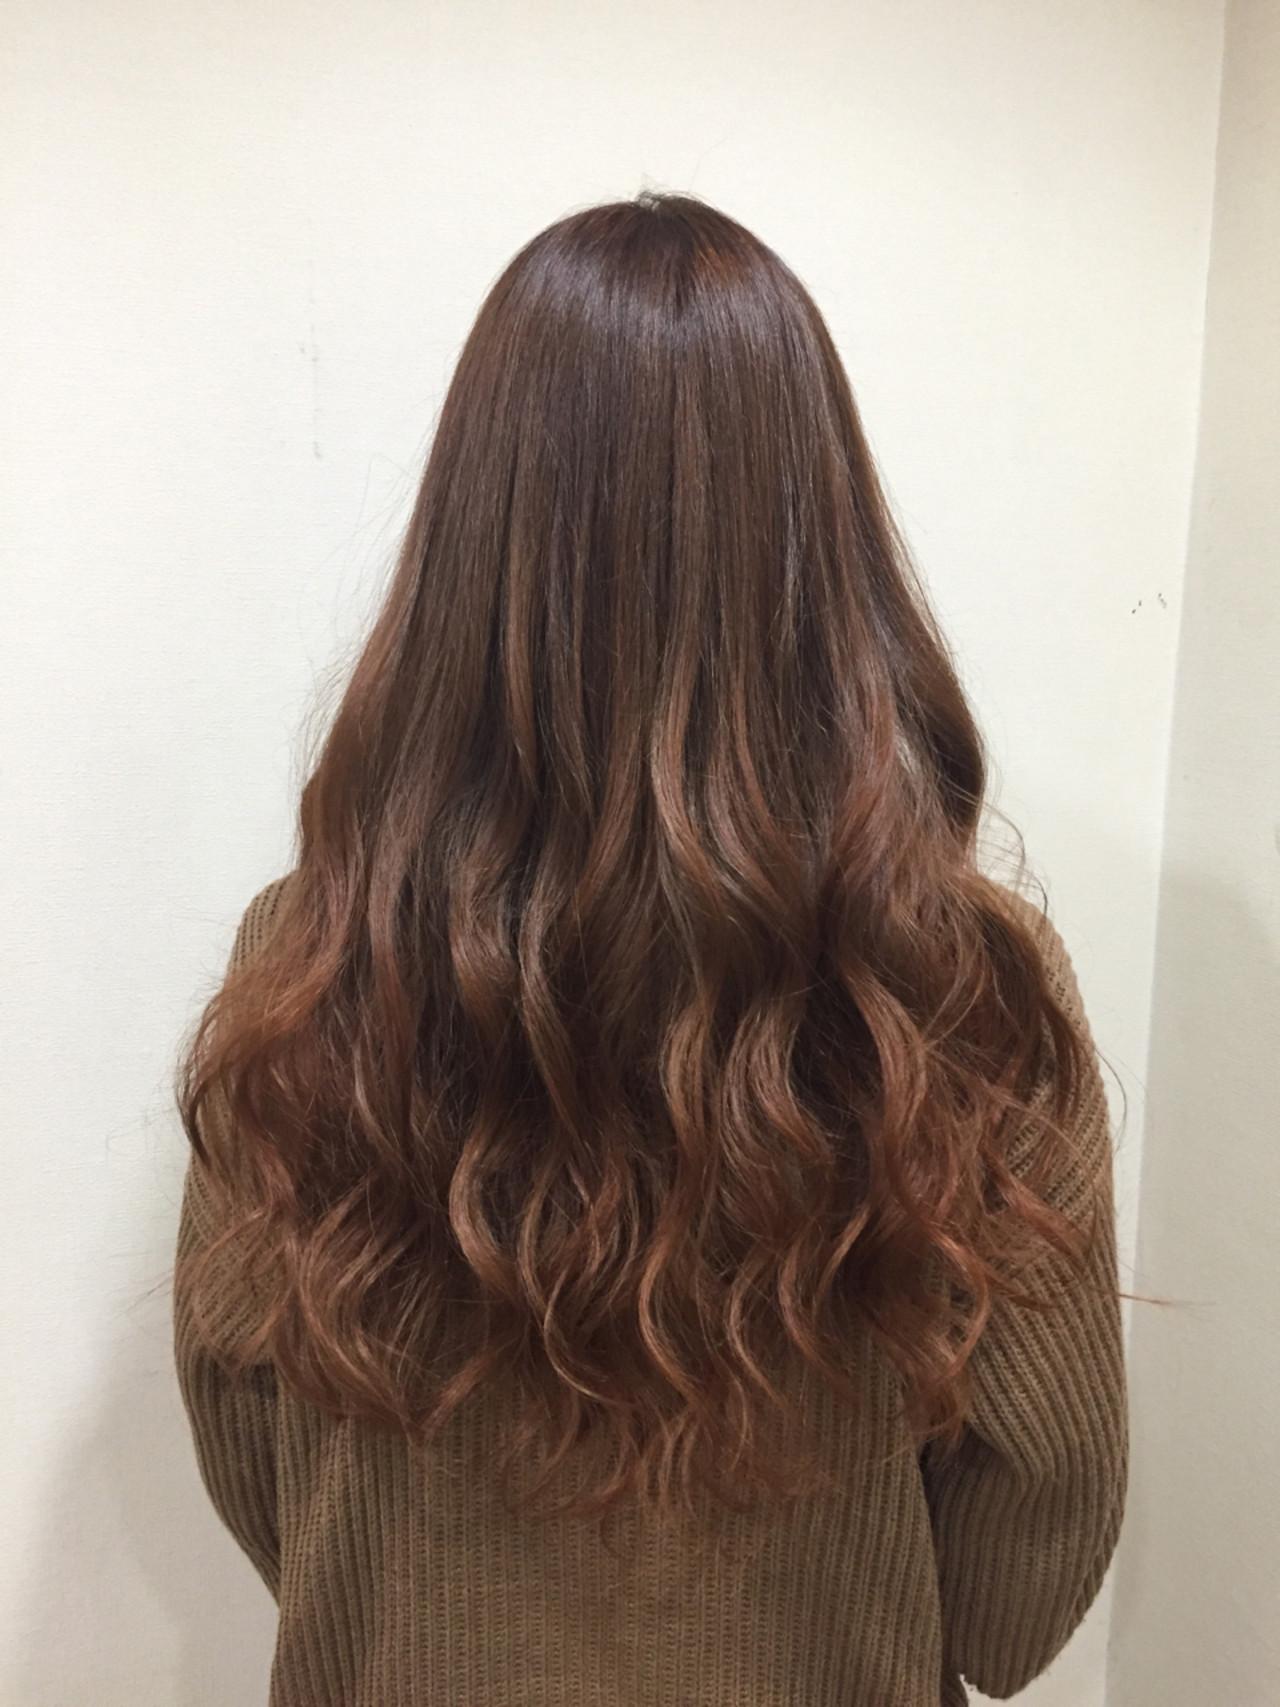 グラデーションカラー 外国人風カラー 艶髪 ストリート ヘアスタイルや髪型の写真・画像